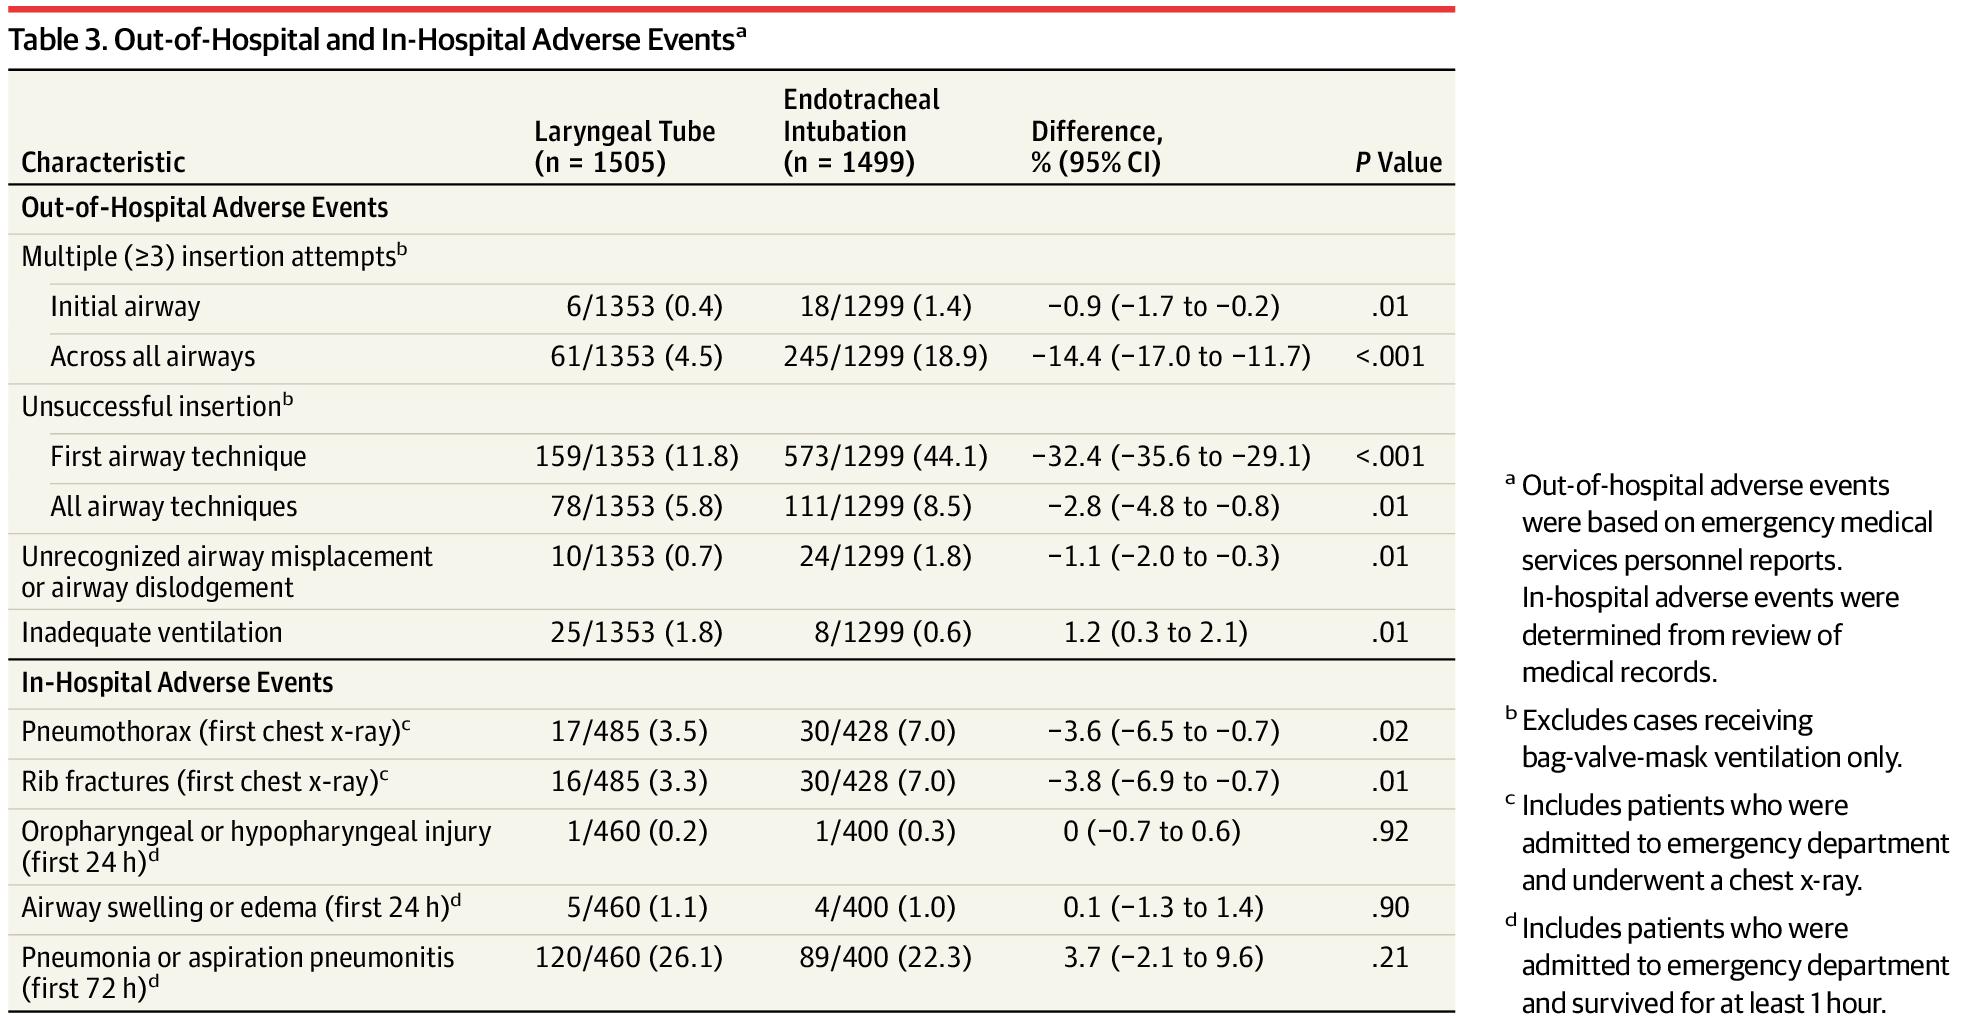 [JAMA最新论文]:初始置入喉罩或气管插管对院外心跳骤停成年患者72小时生存率的影响